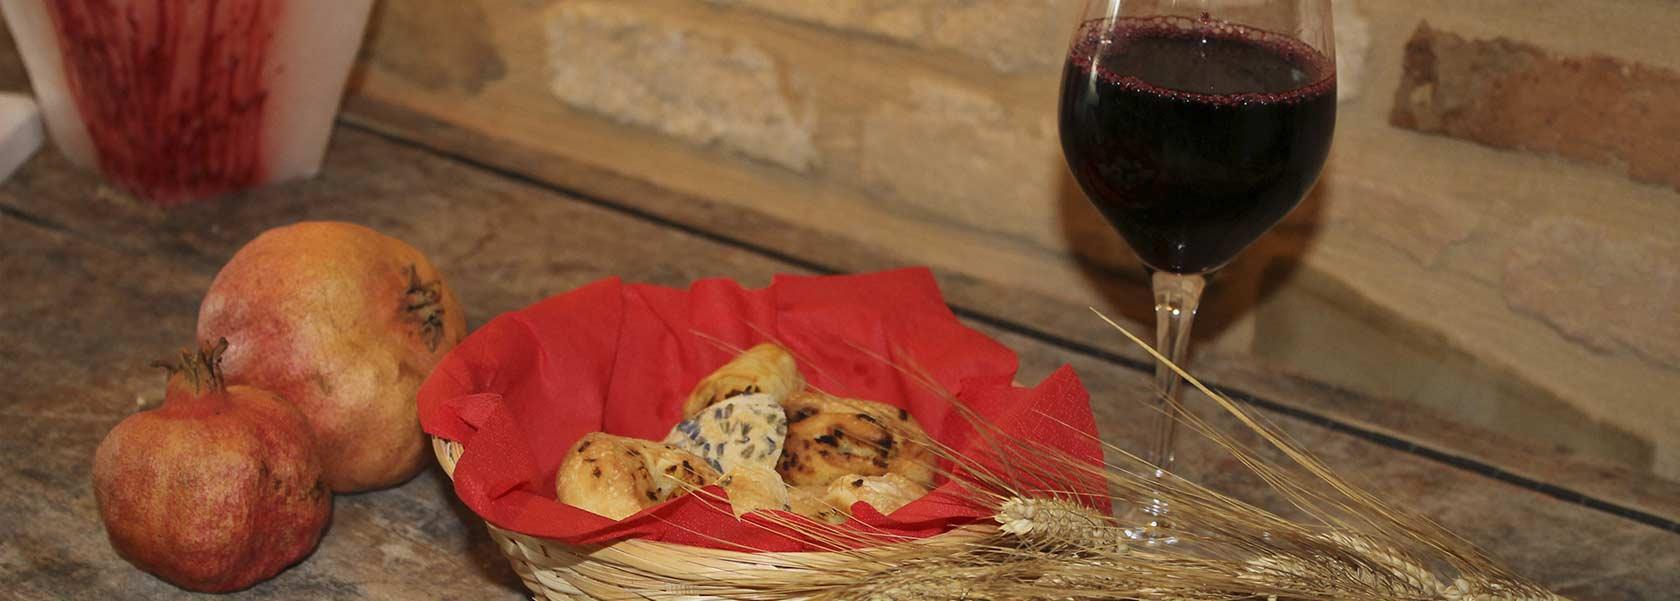 pane-e-vino-fatto-in-casa-del-ristorante-osimo